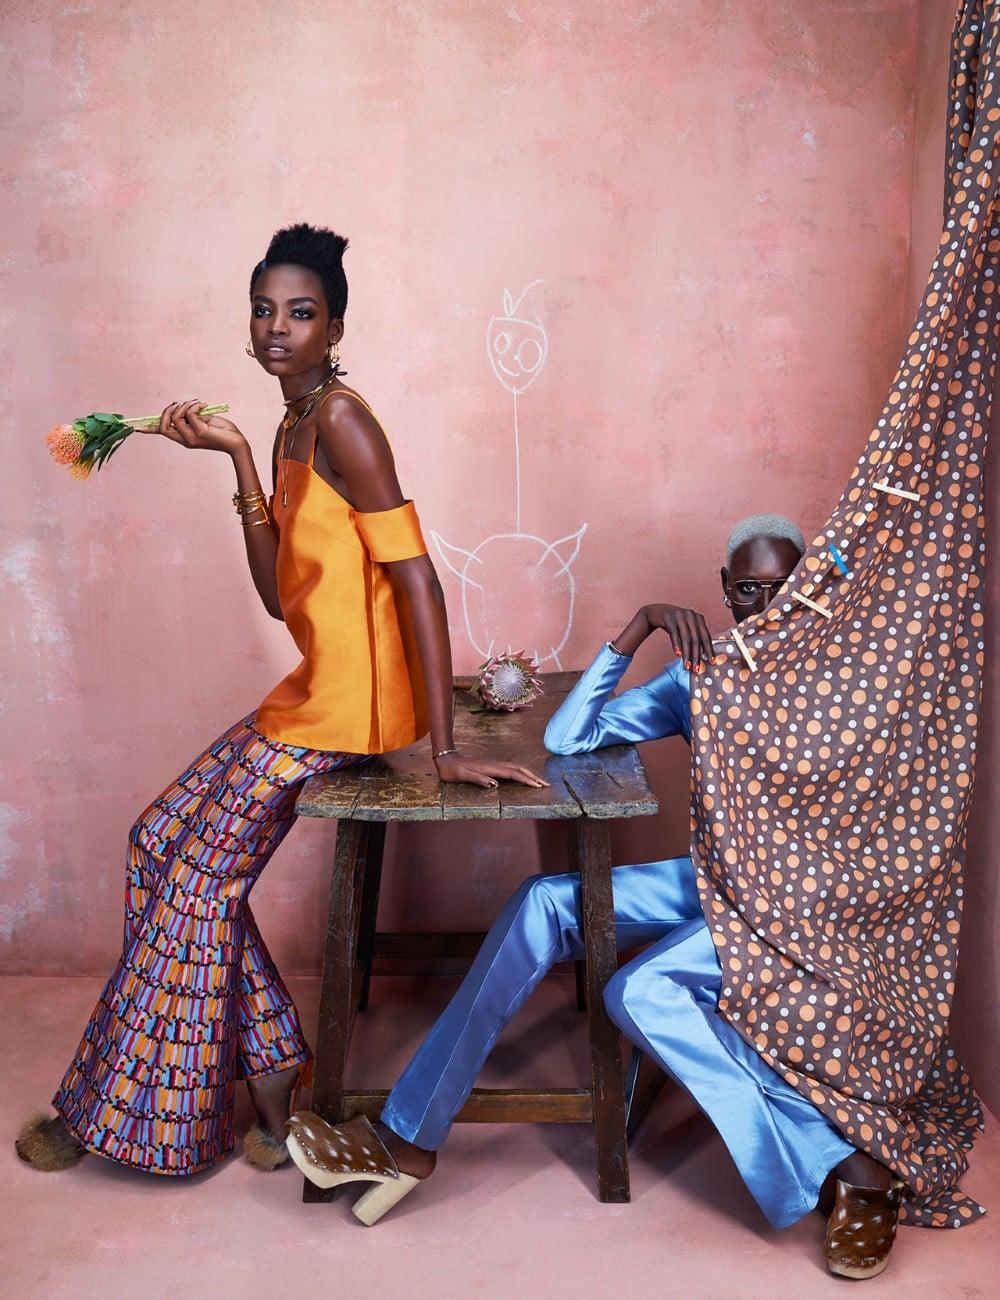 africa-rising-ed-singleton-models- (5).jpg